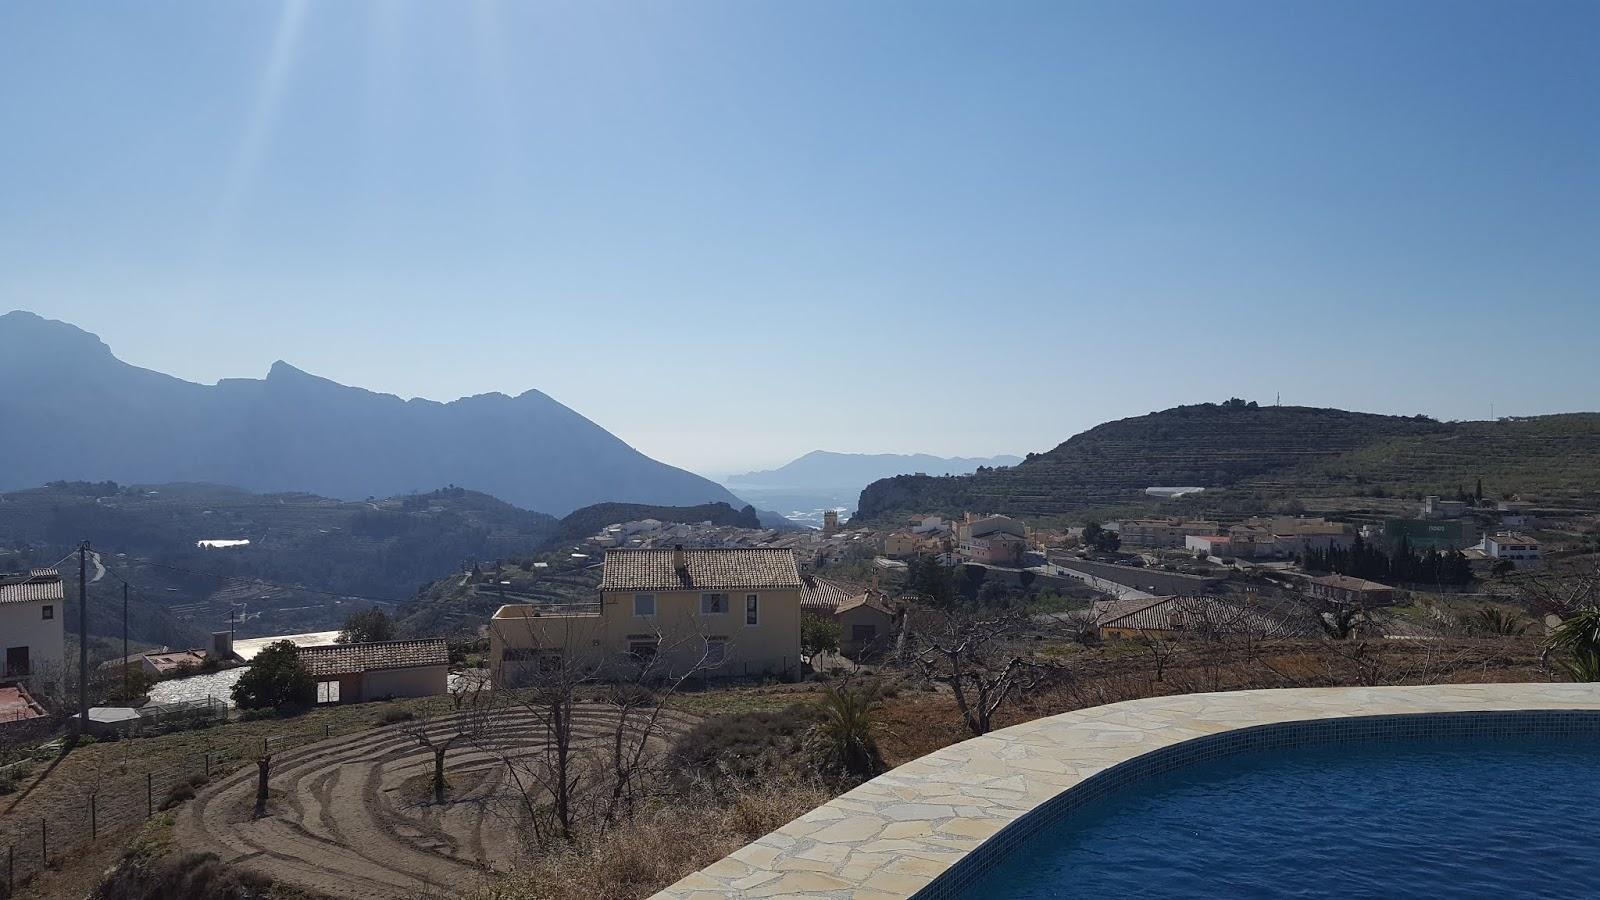 View of Tàrbena, Alicante